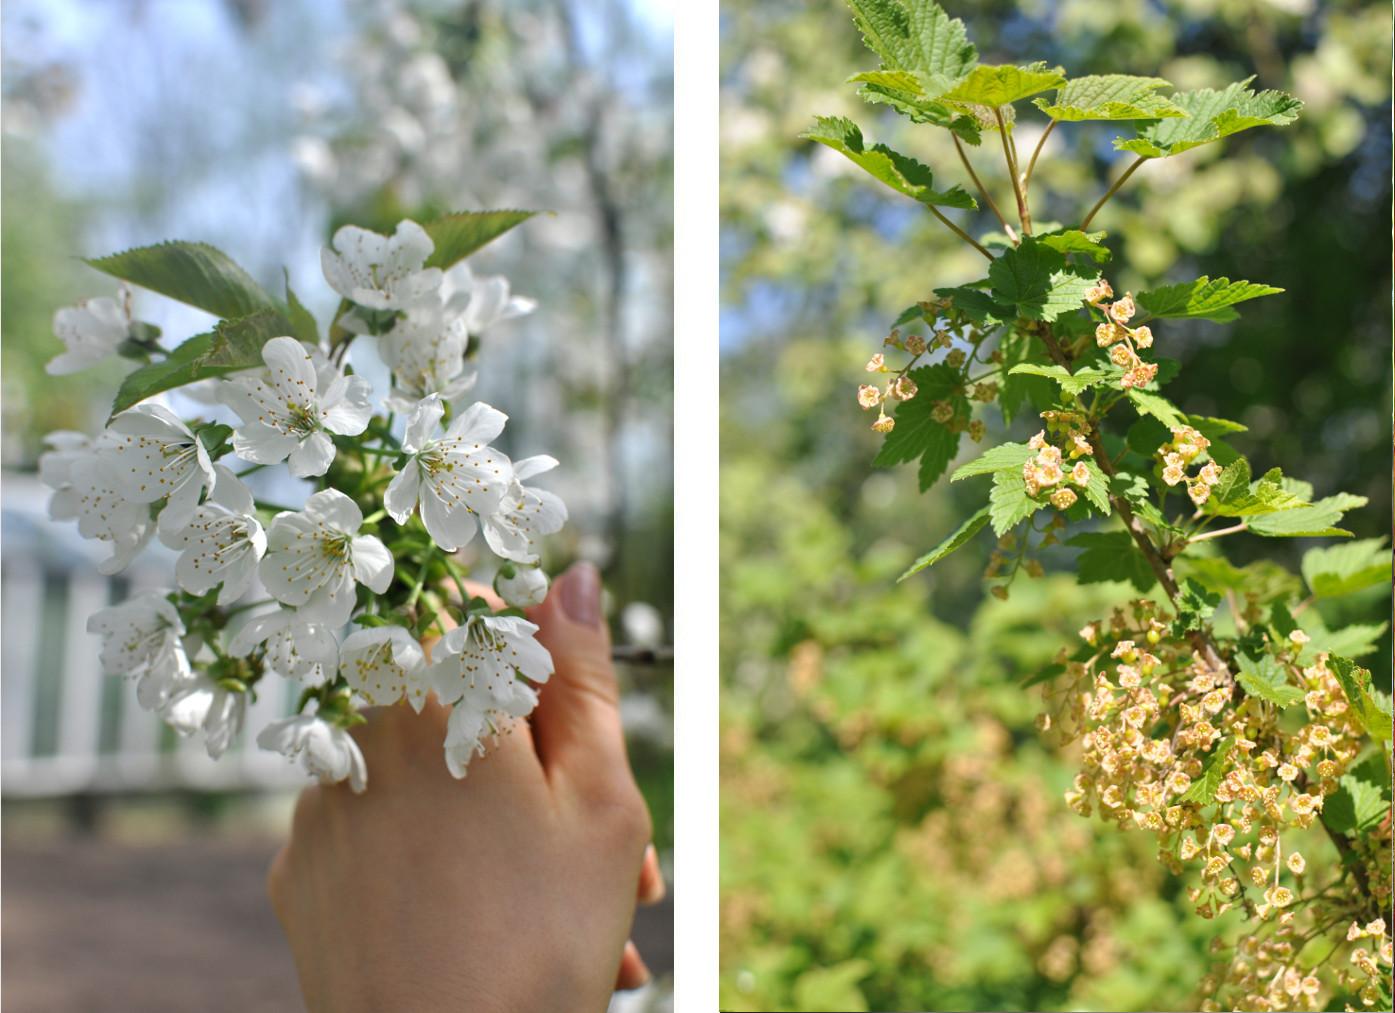 ogród, kwitnące drzewa owocowe, wiosna, slowfood